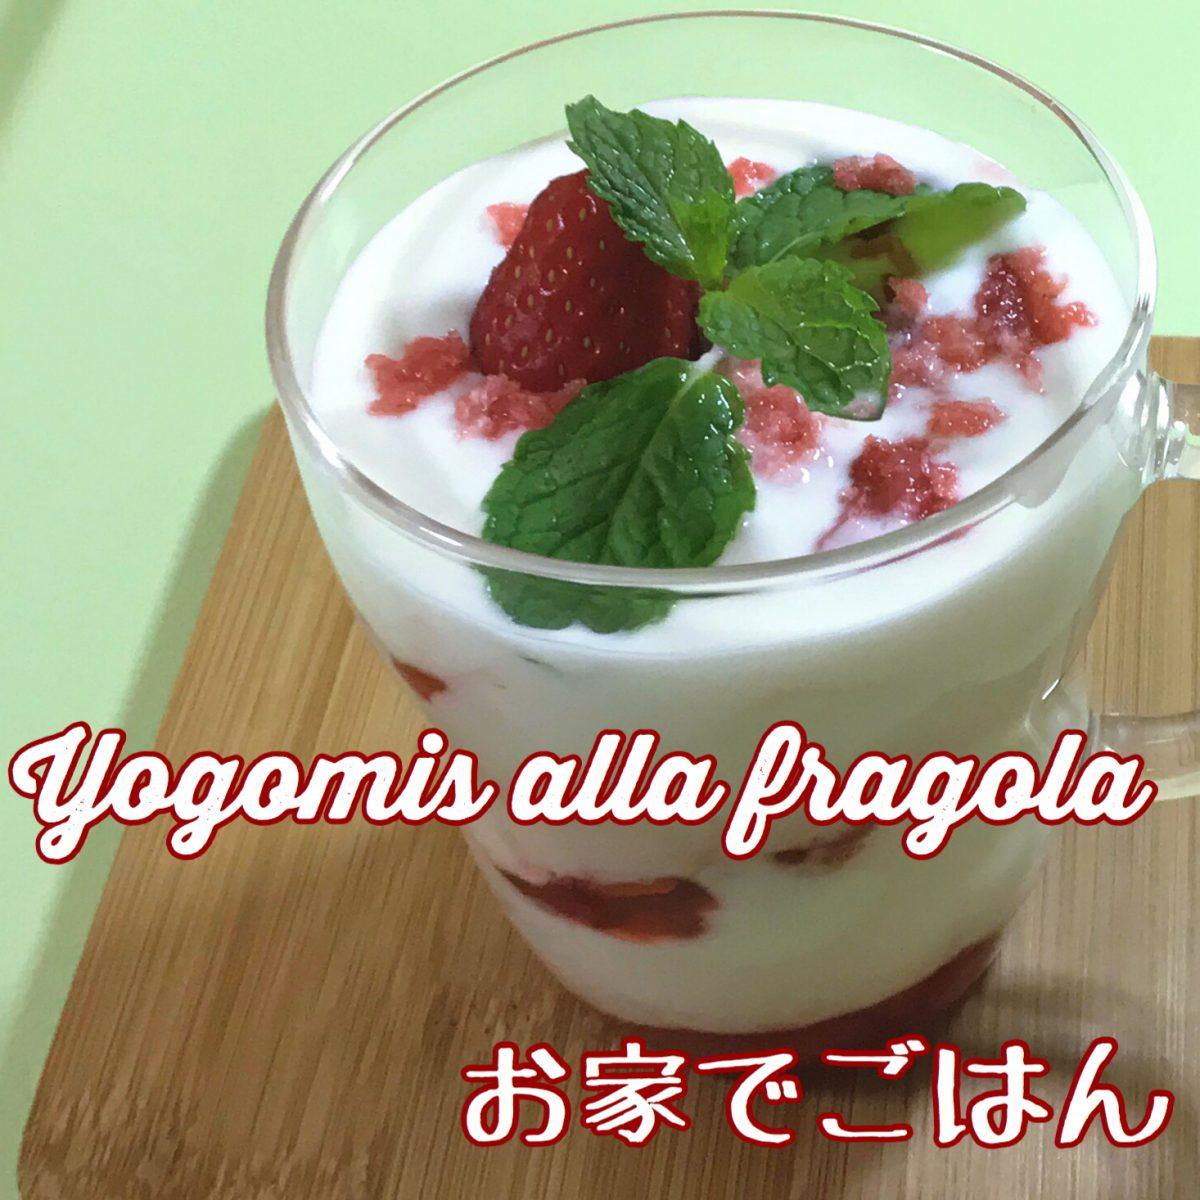 いちごのヨゴミス( Yogomisu alla fragola )